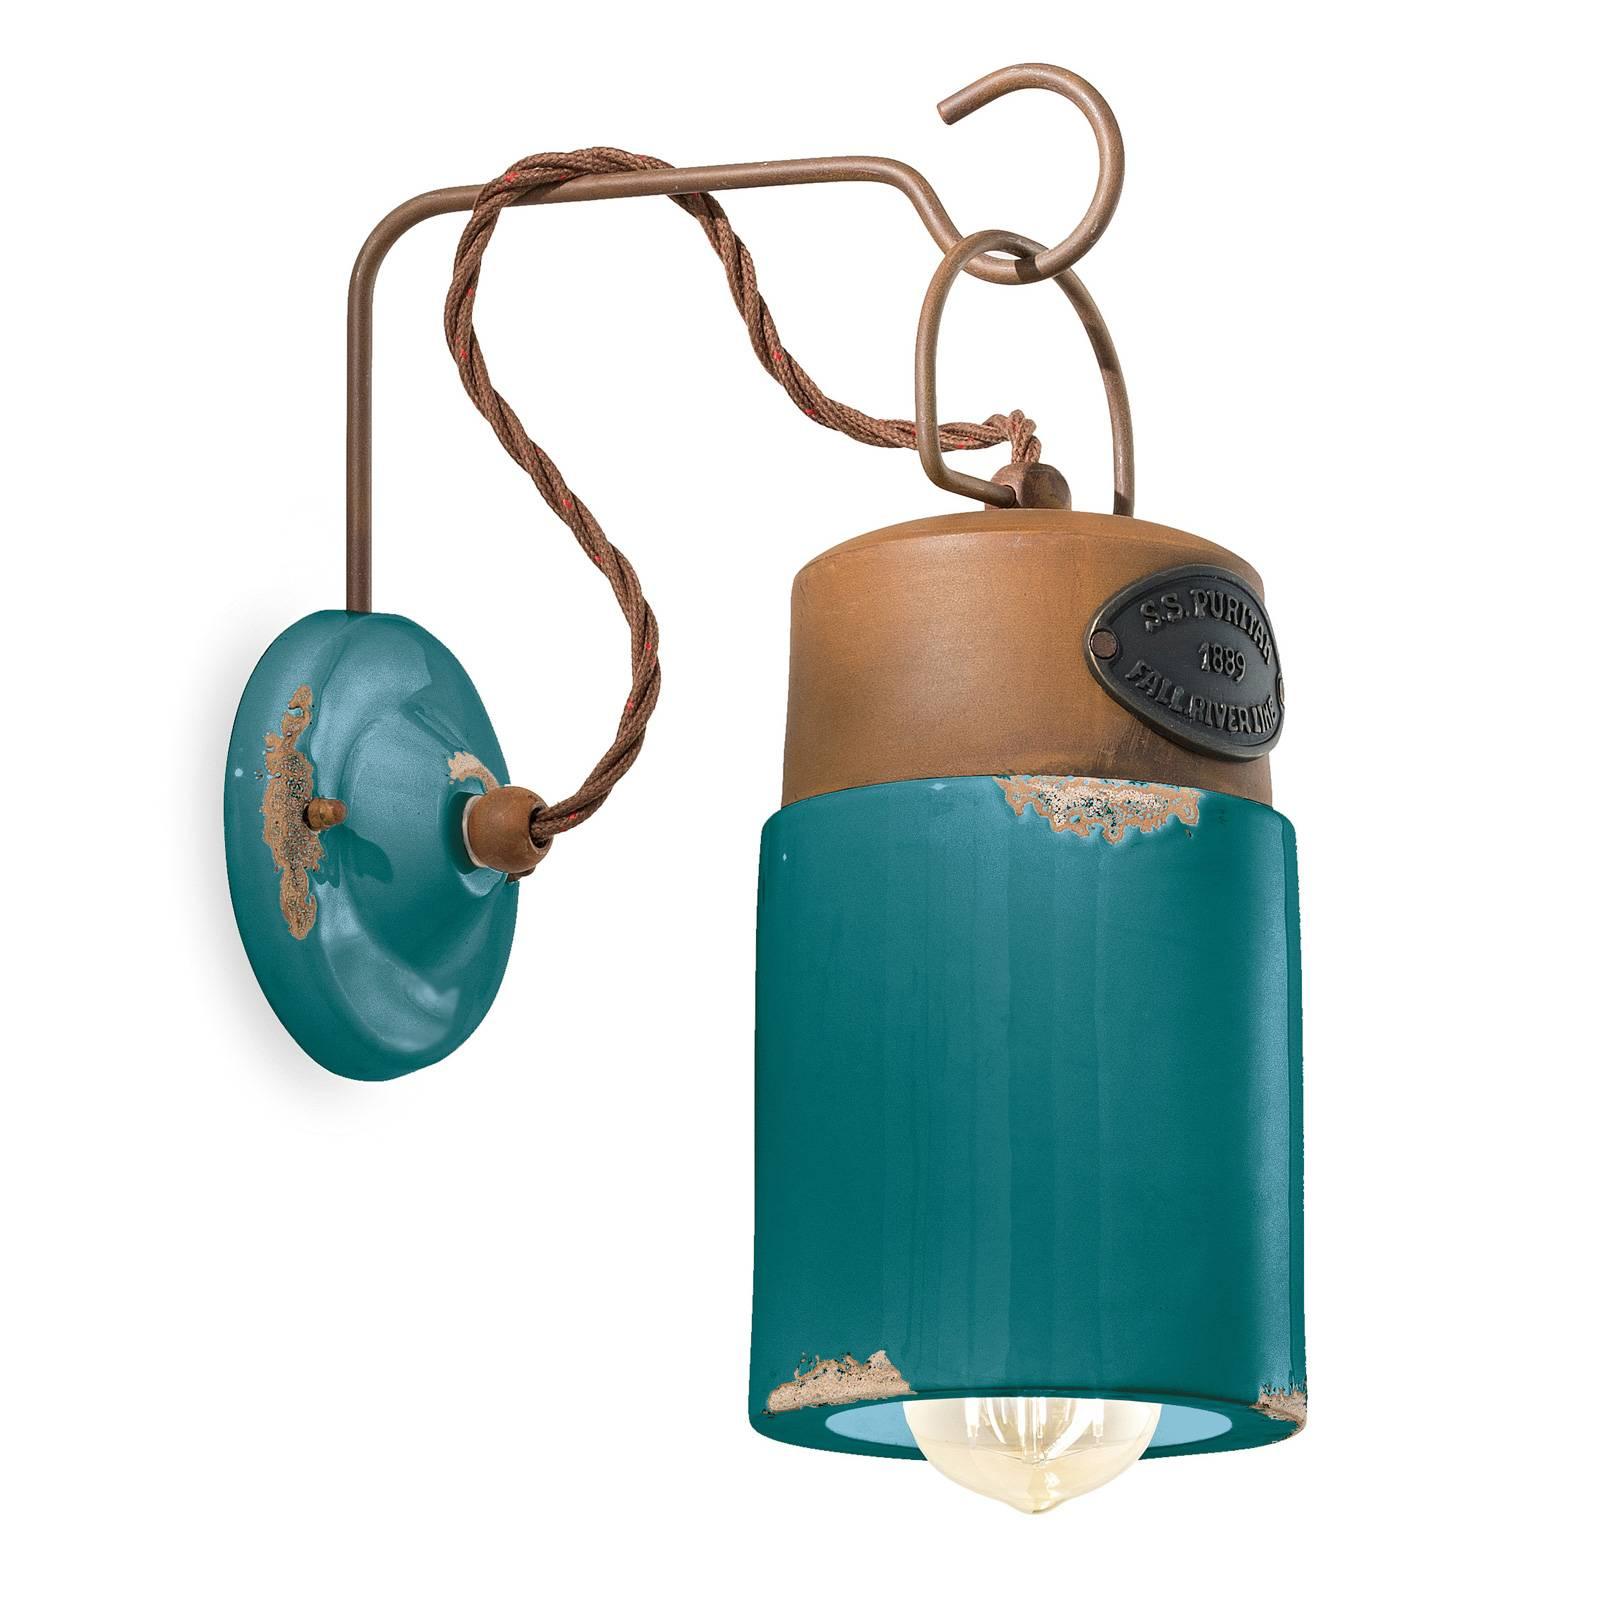 Wandlamp C1621, keramiek en metaal, groen